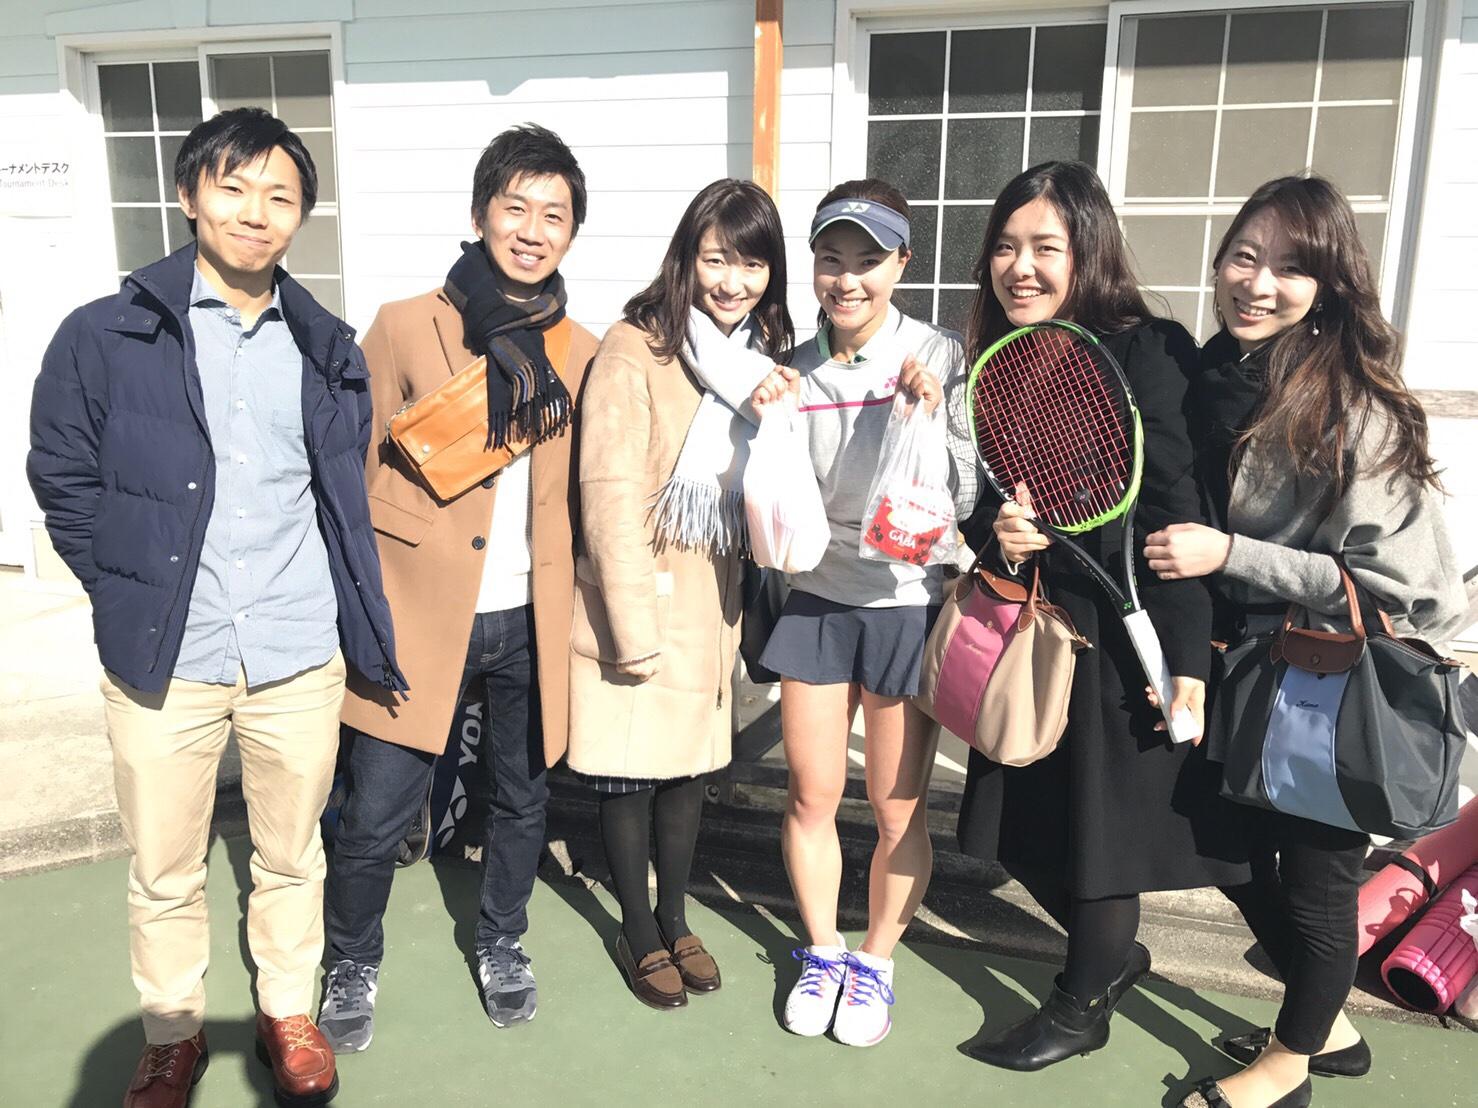 豊田【プロテニスプレイヤー井上雅オフィシャルブログ -miyabiemみやびーむ-】